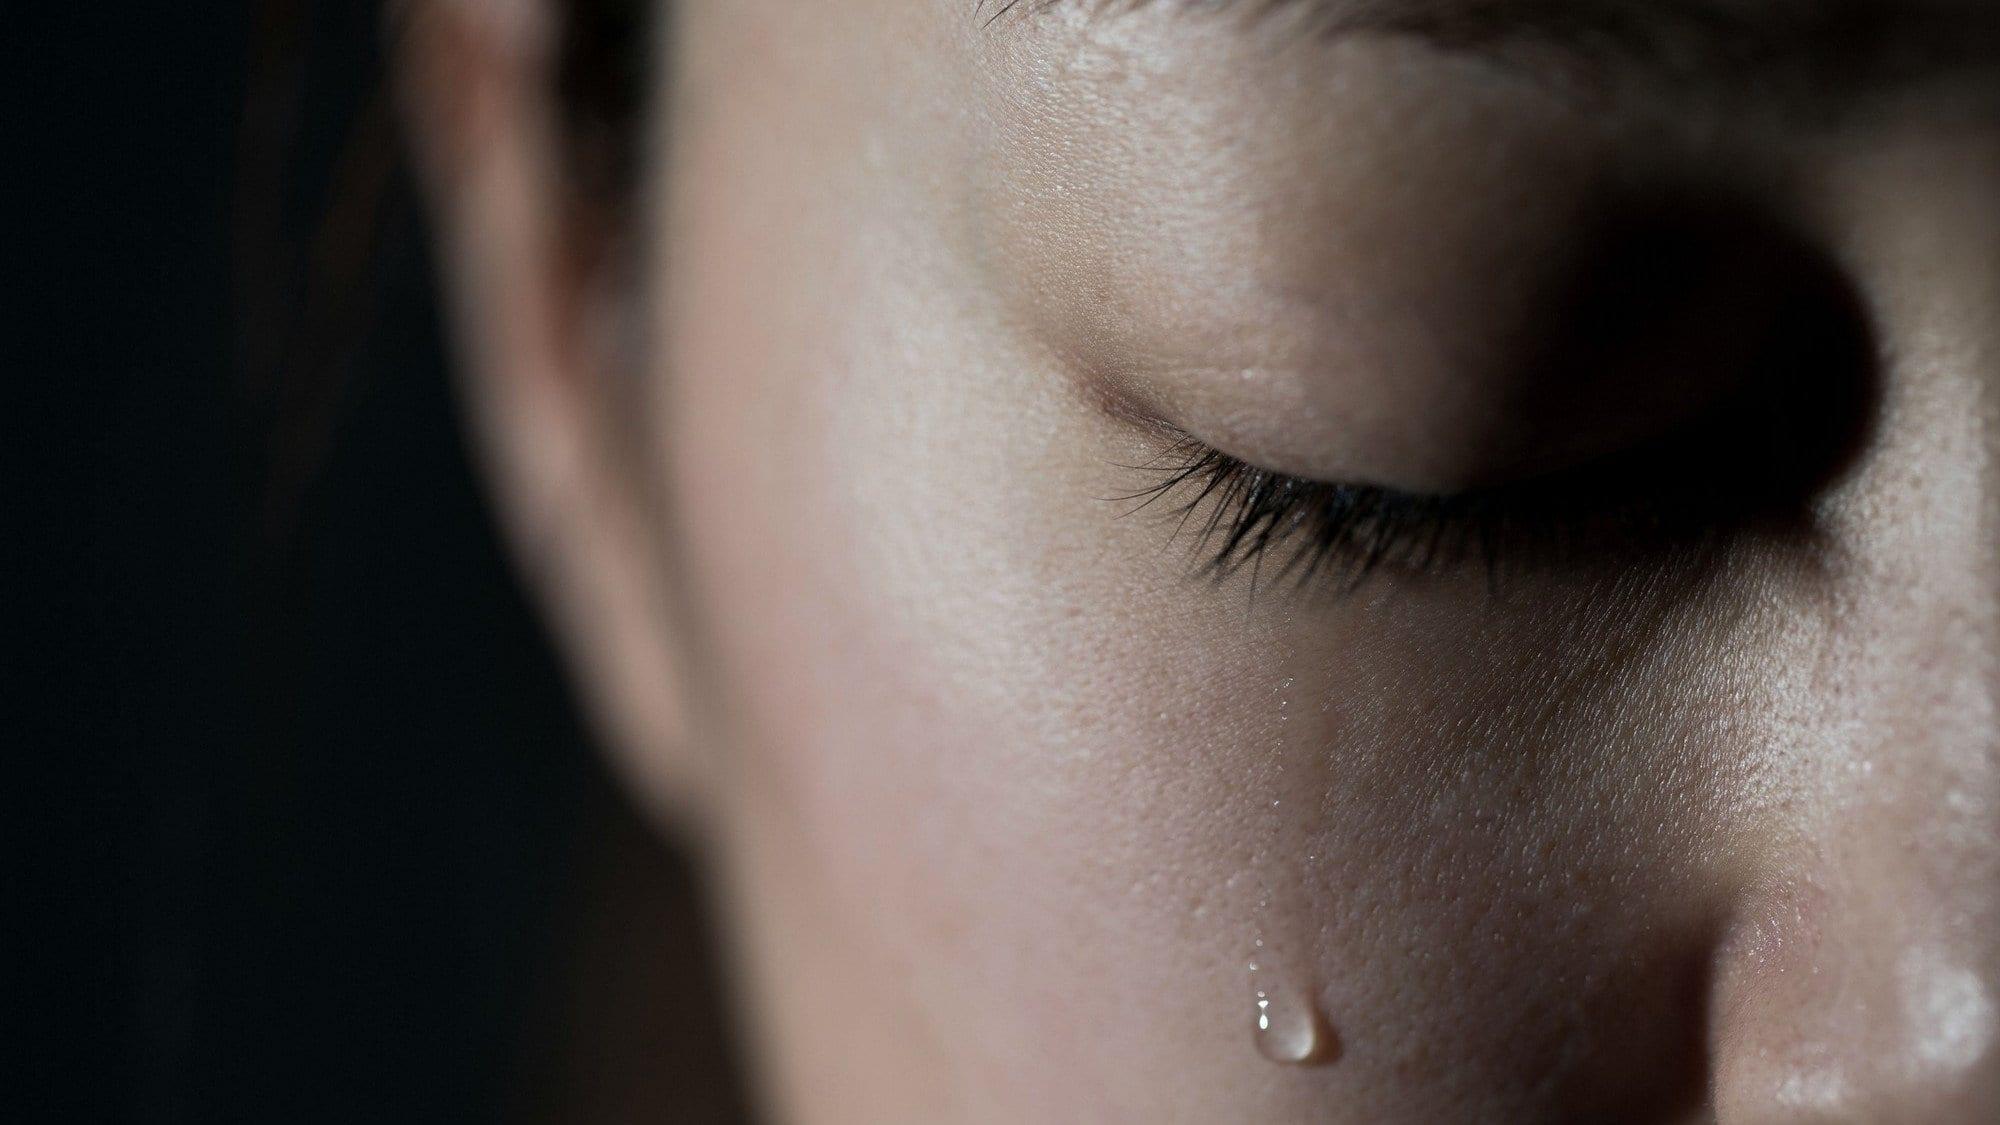 Le coronavirus pourrait se transmettre par les larmes